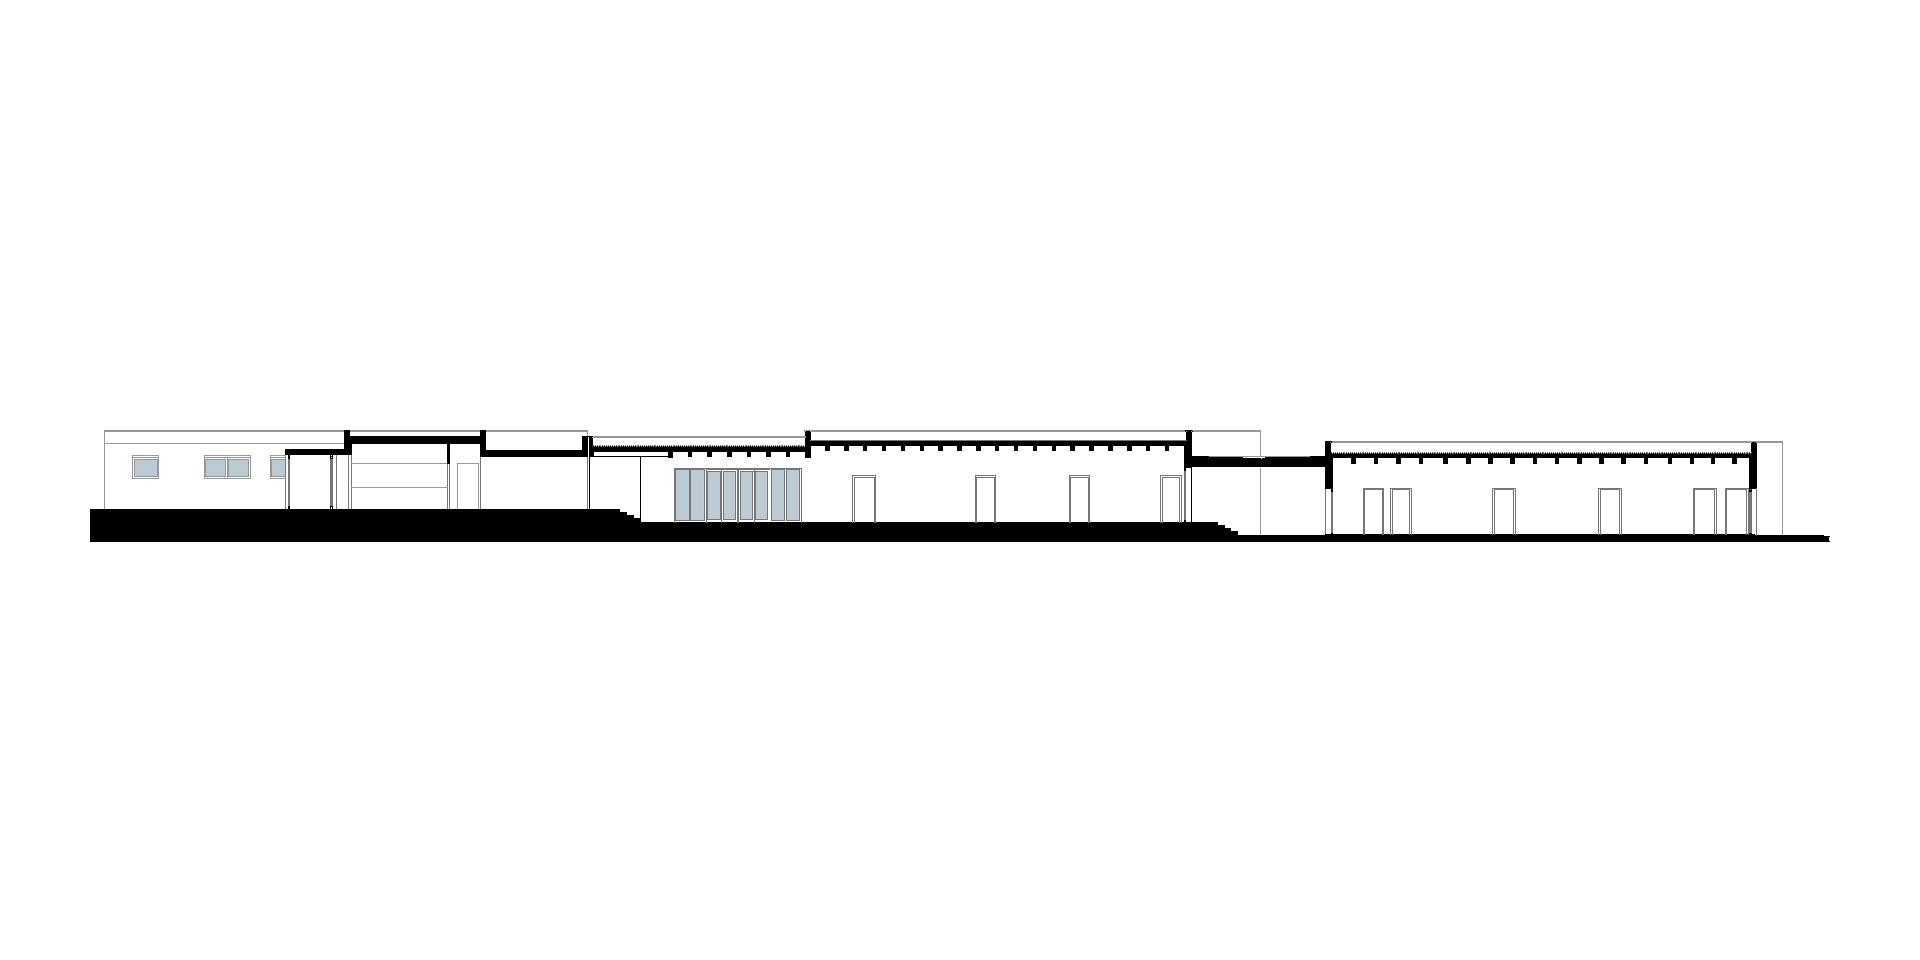 scuola materna e palestra. sezione longitudinale della scuola sull'asse distributivo che aiuta a comprendere la parte esistente e la nuova parte in ampliamento.